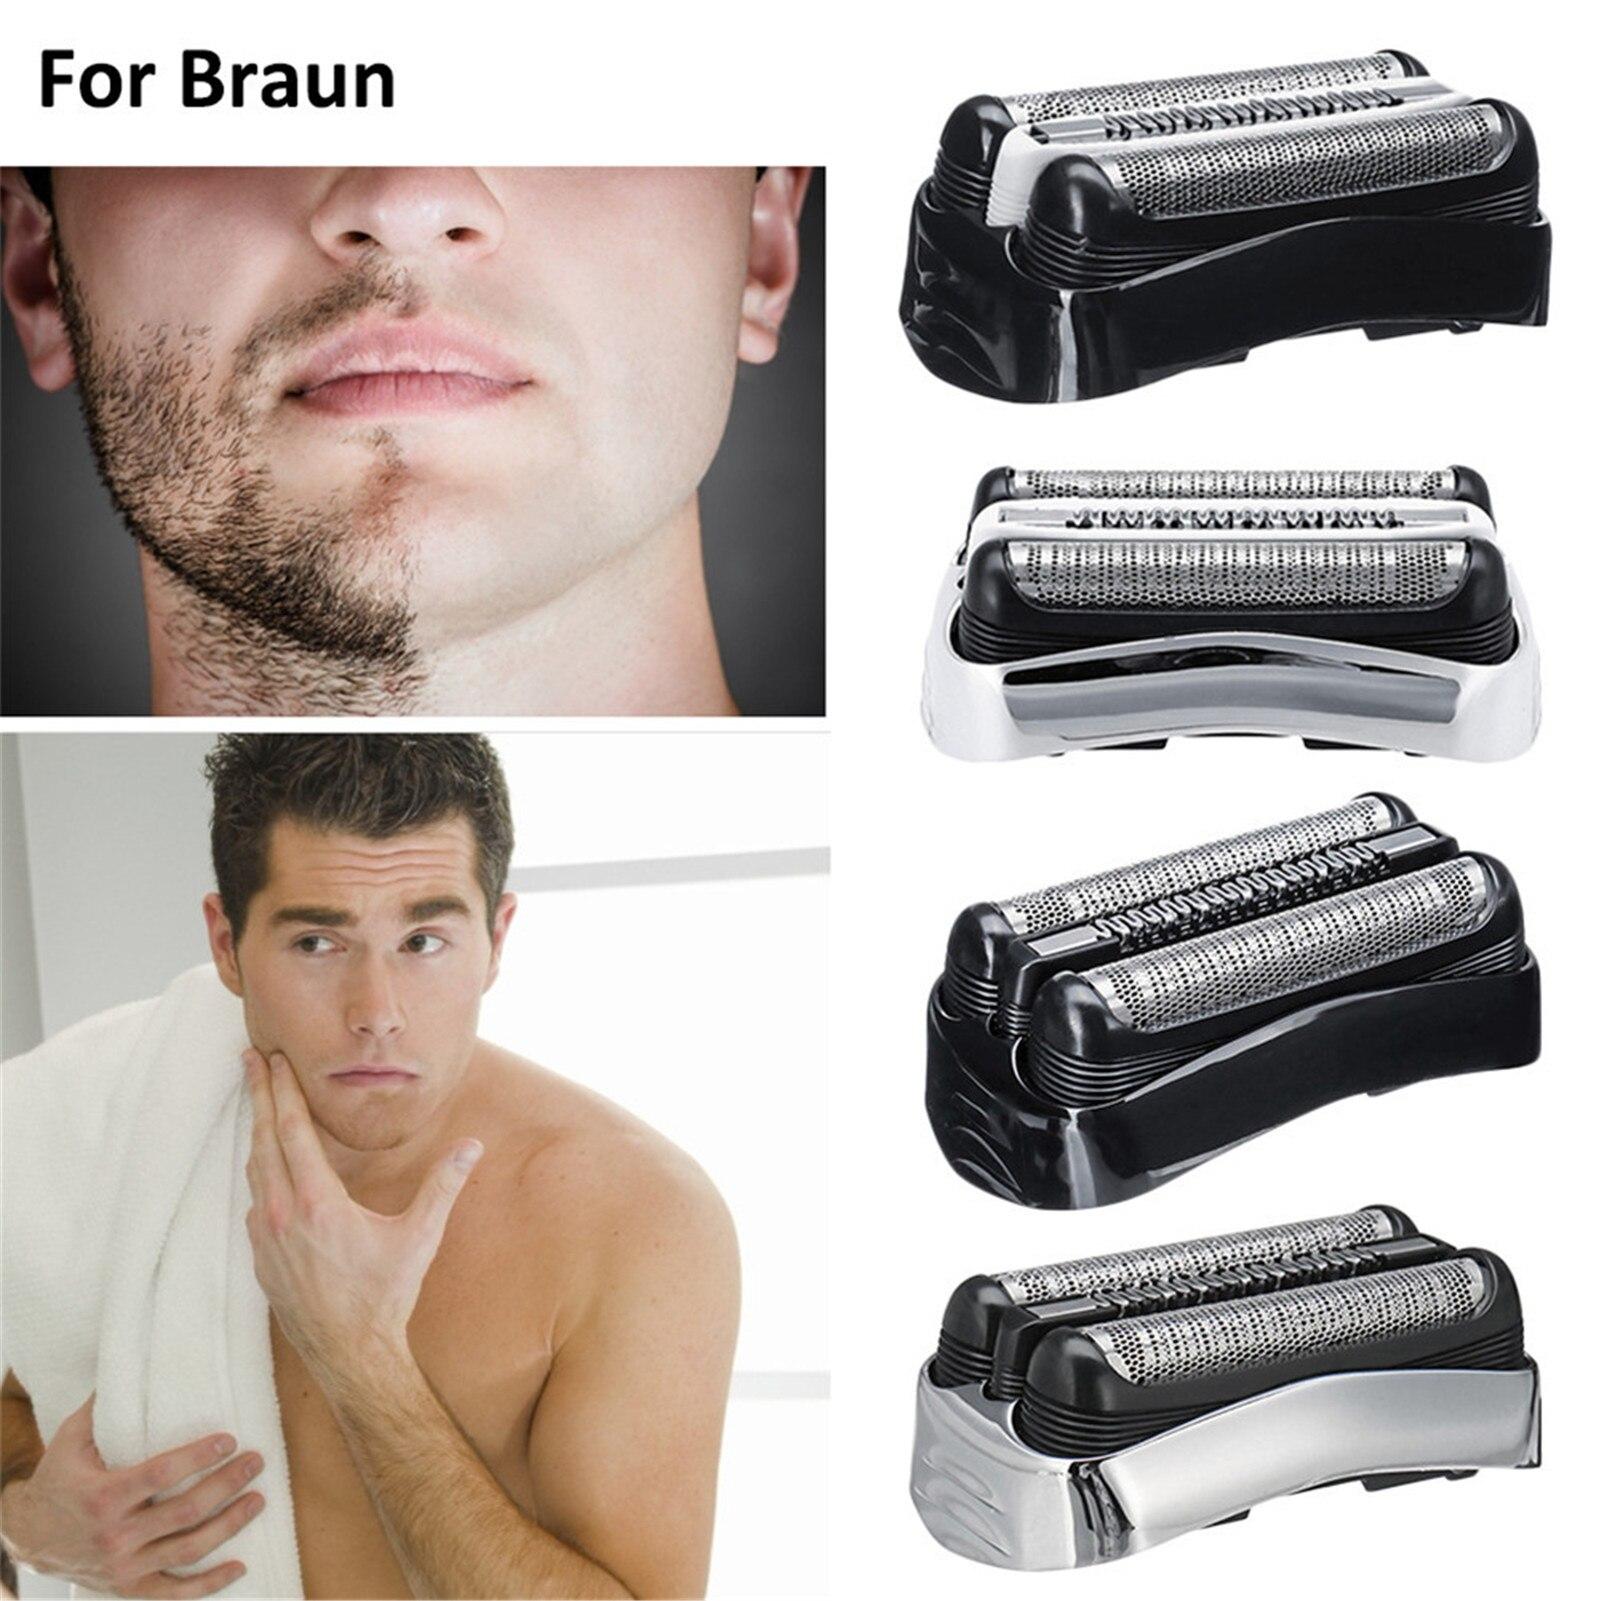 Замена электробритва головки для зубных щеток Braun 32B 32С 21B 21С 3 серии 300S 301S 310S 320S 330S 340S 360S 380S 3000S 3010S